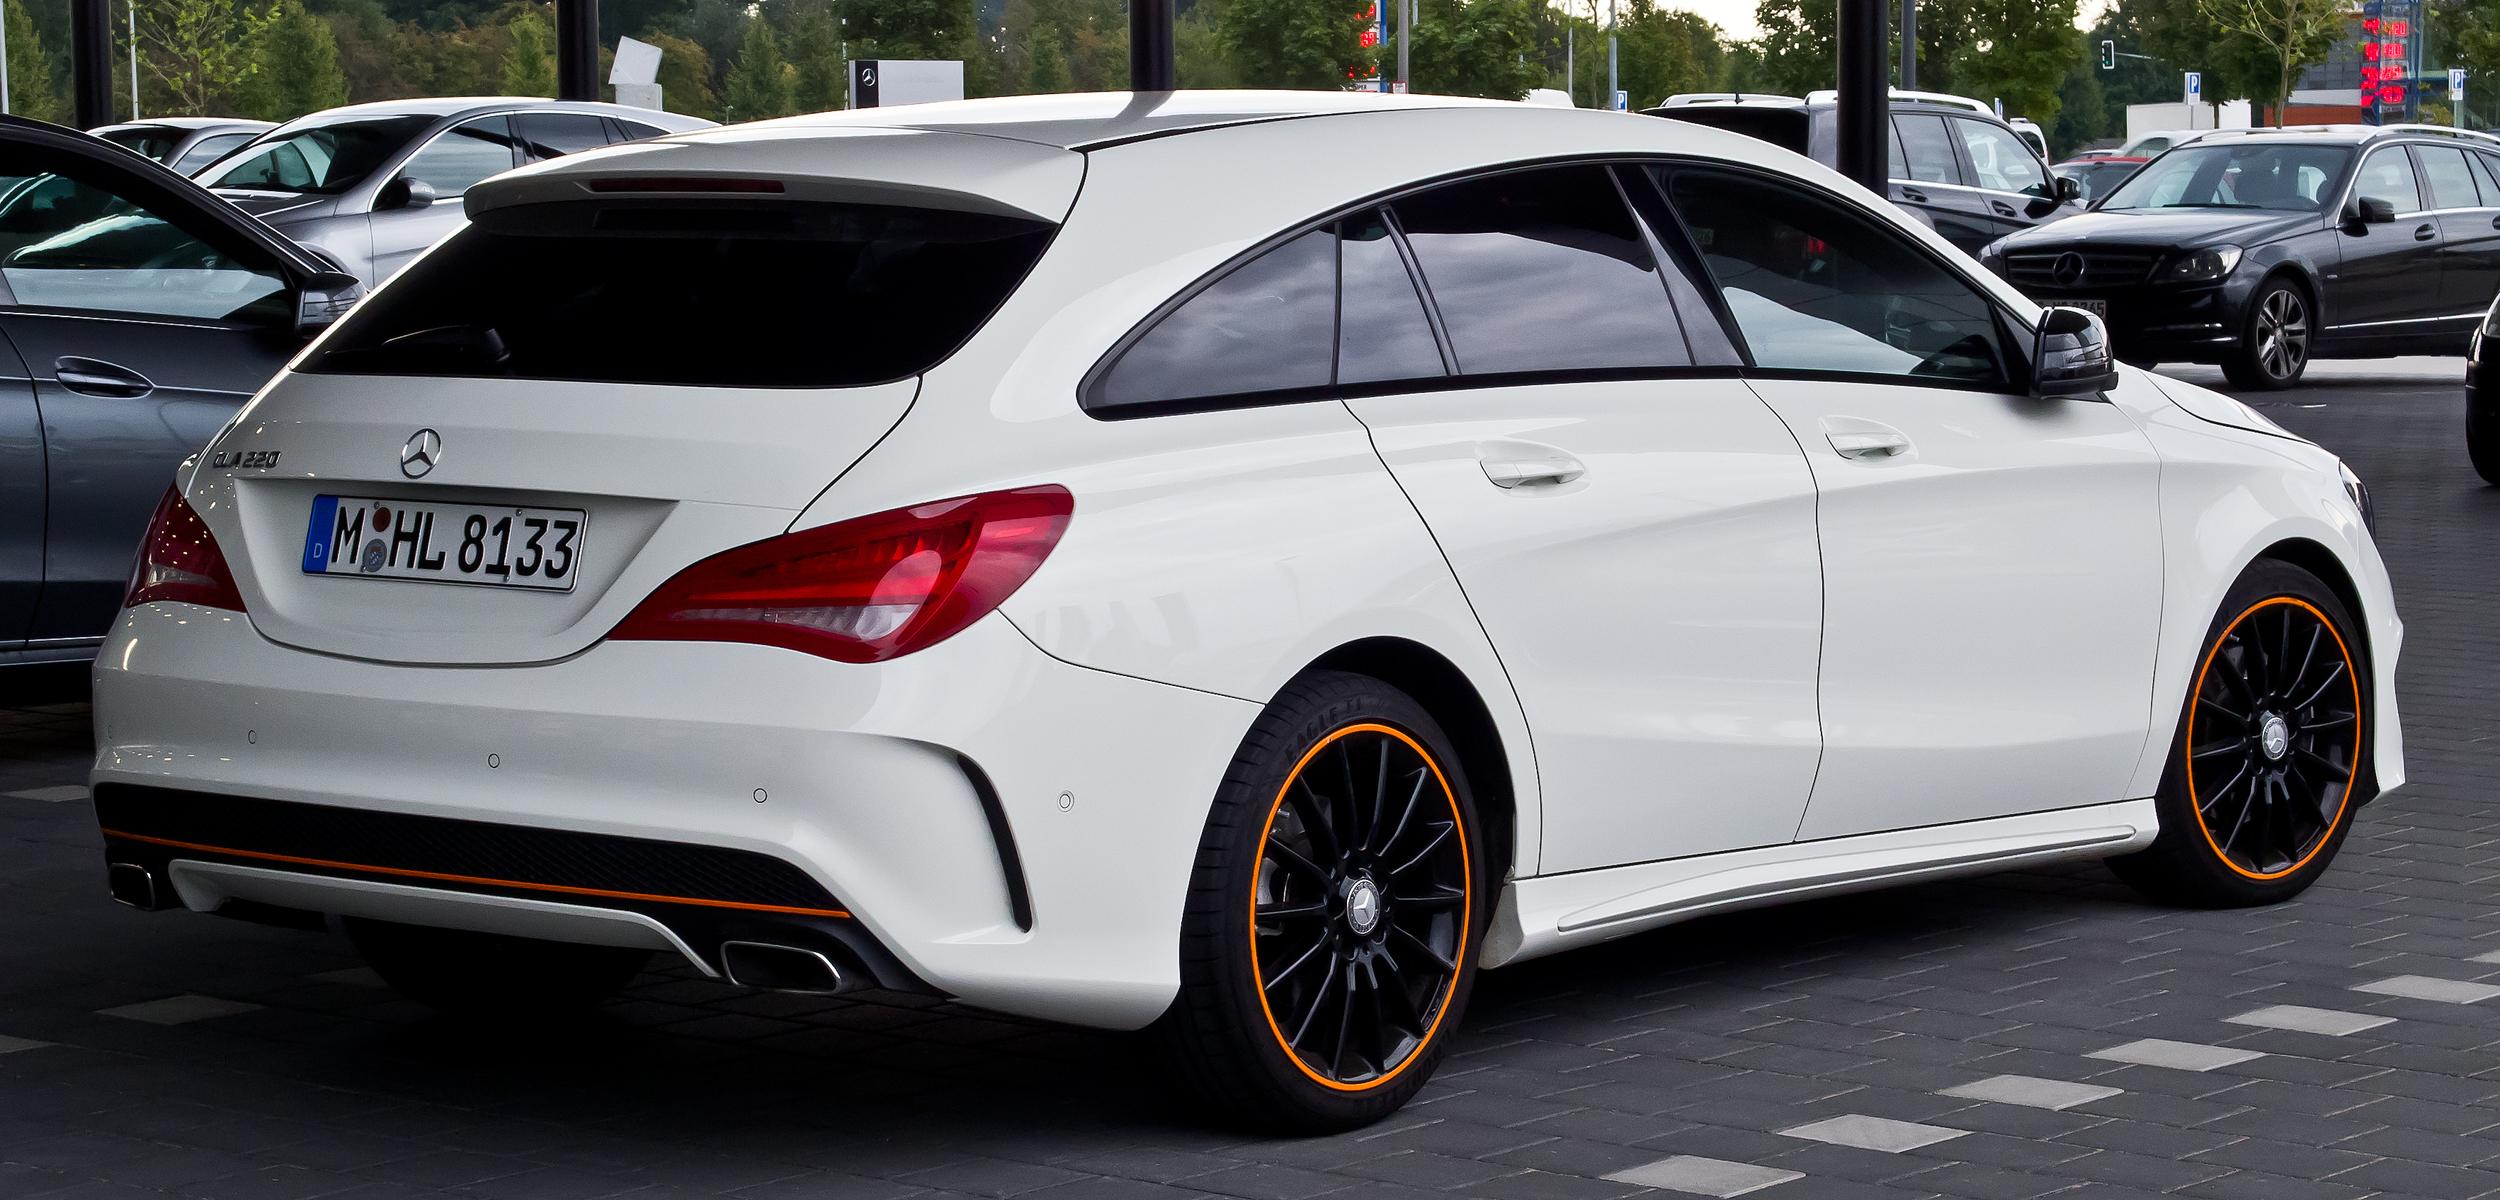 Mercedes-Benz_CLA_220_d_Shooting_Brake_OrangeArt_Edition_(X_117)_–_Heckansicht,_12._September_2015,_Münster.jpg